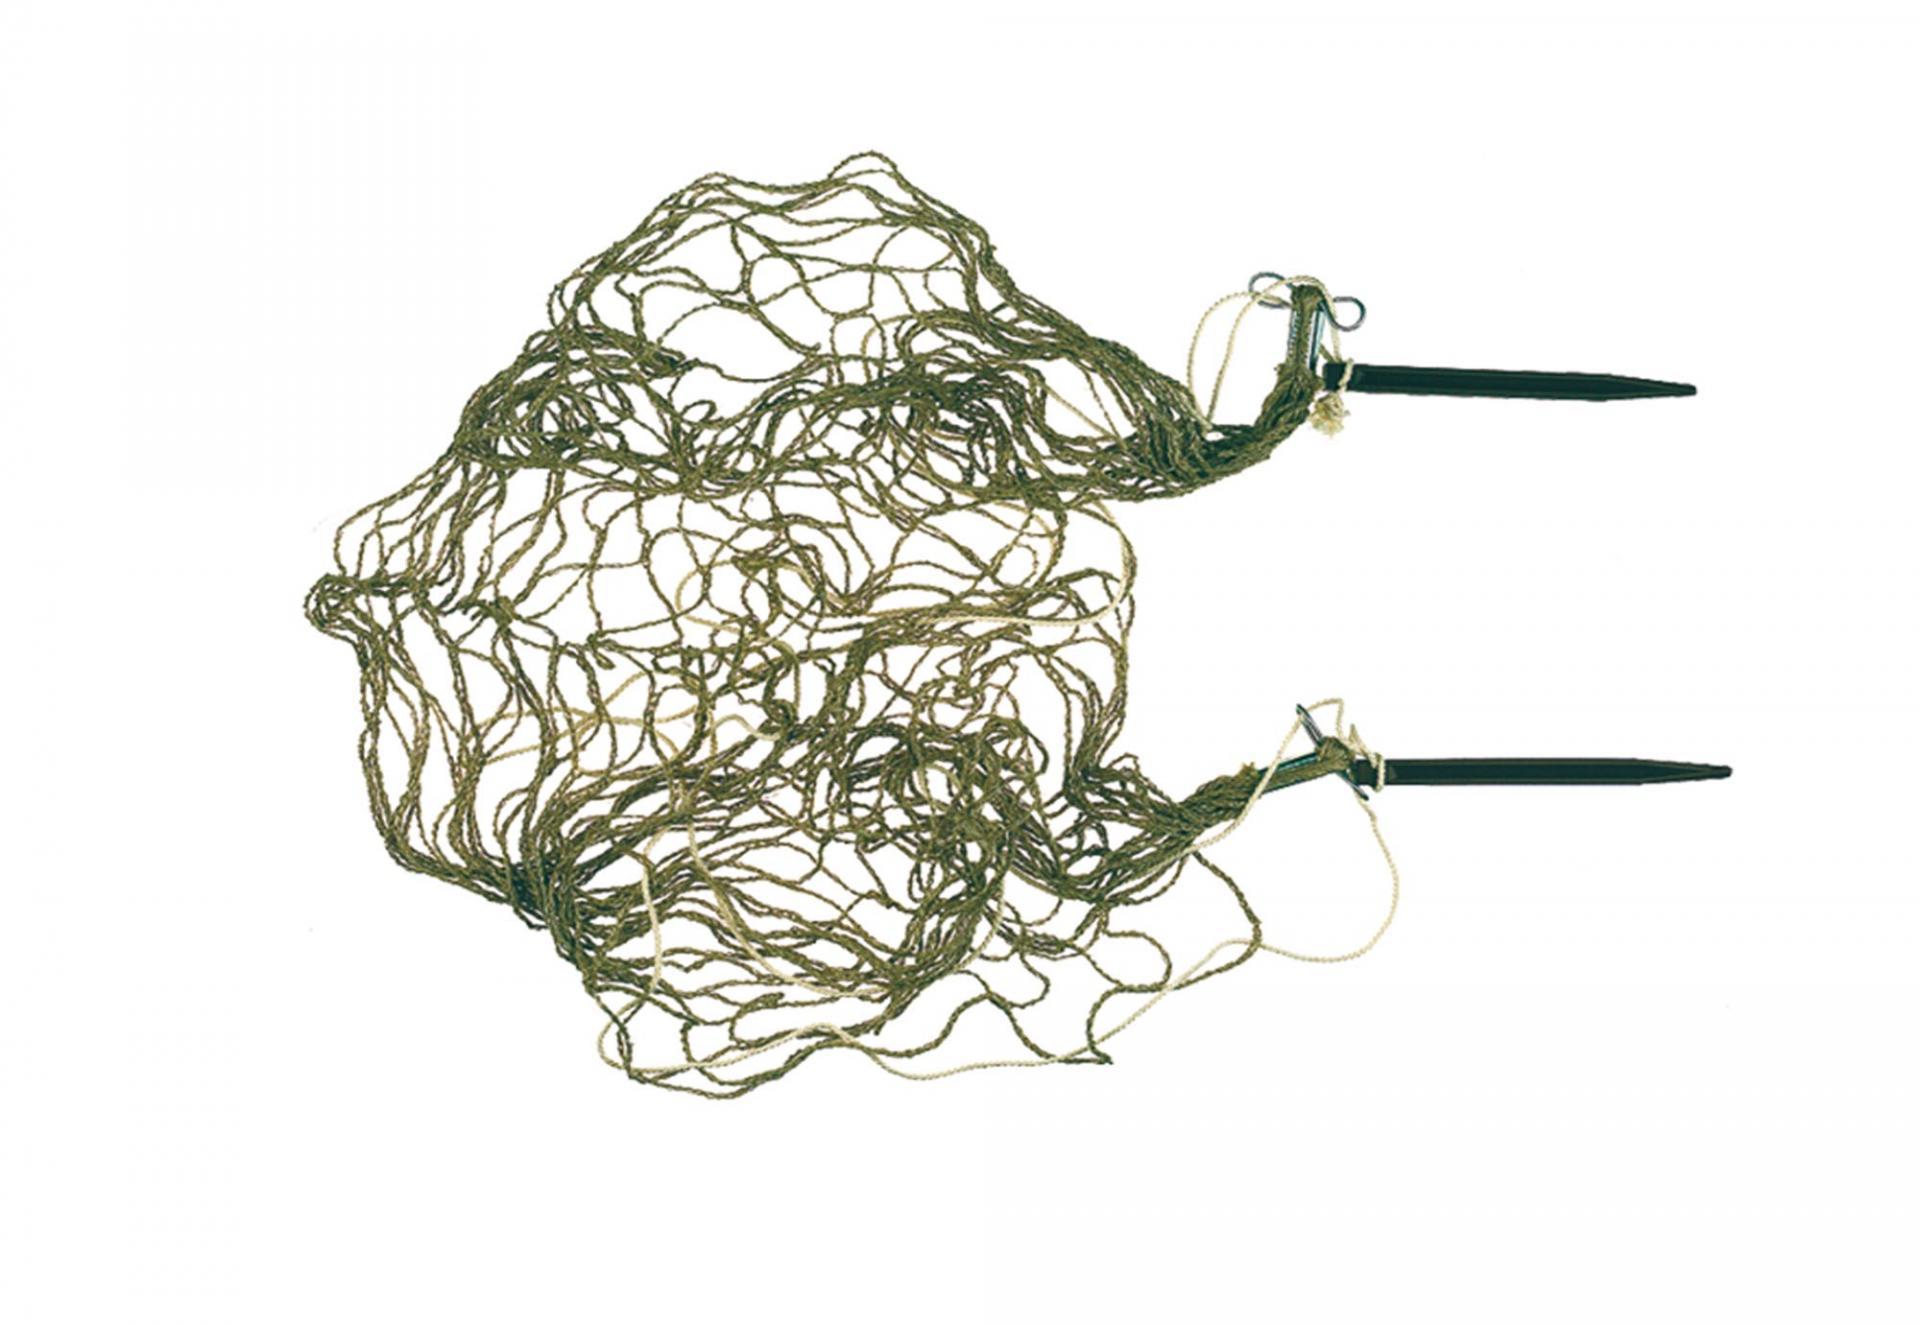 Bourses a lapin en chanvre havane longueur 1 20 m 2 piquets